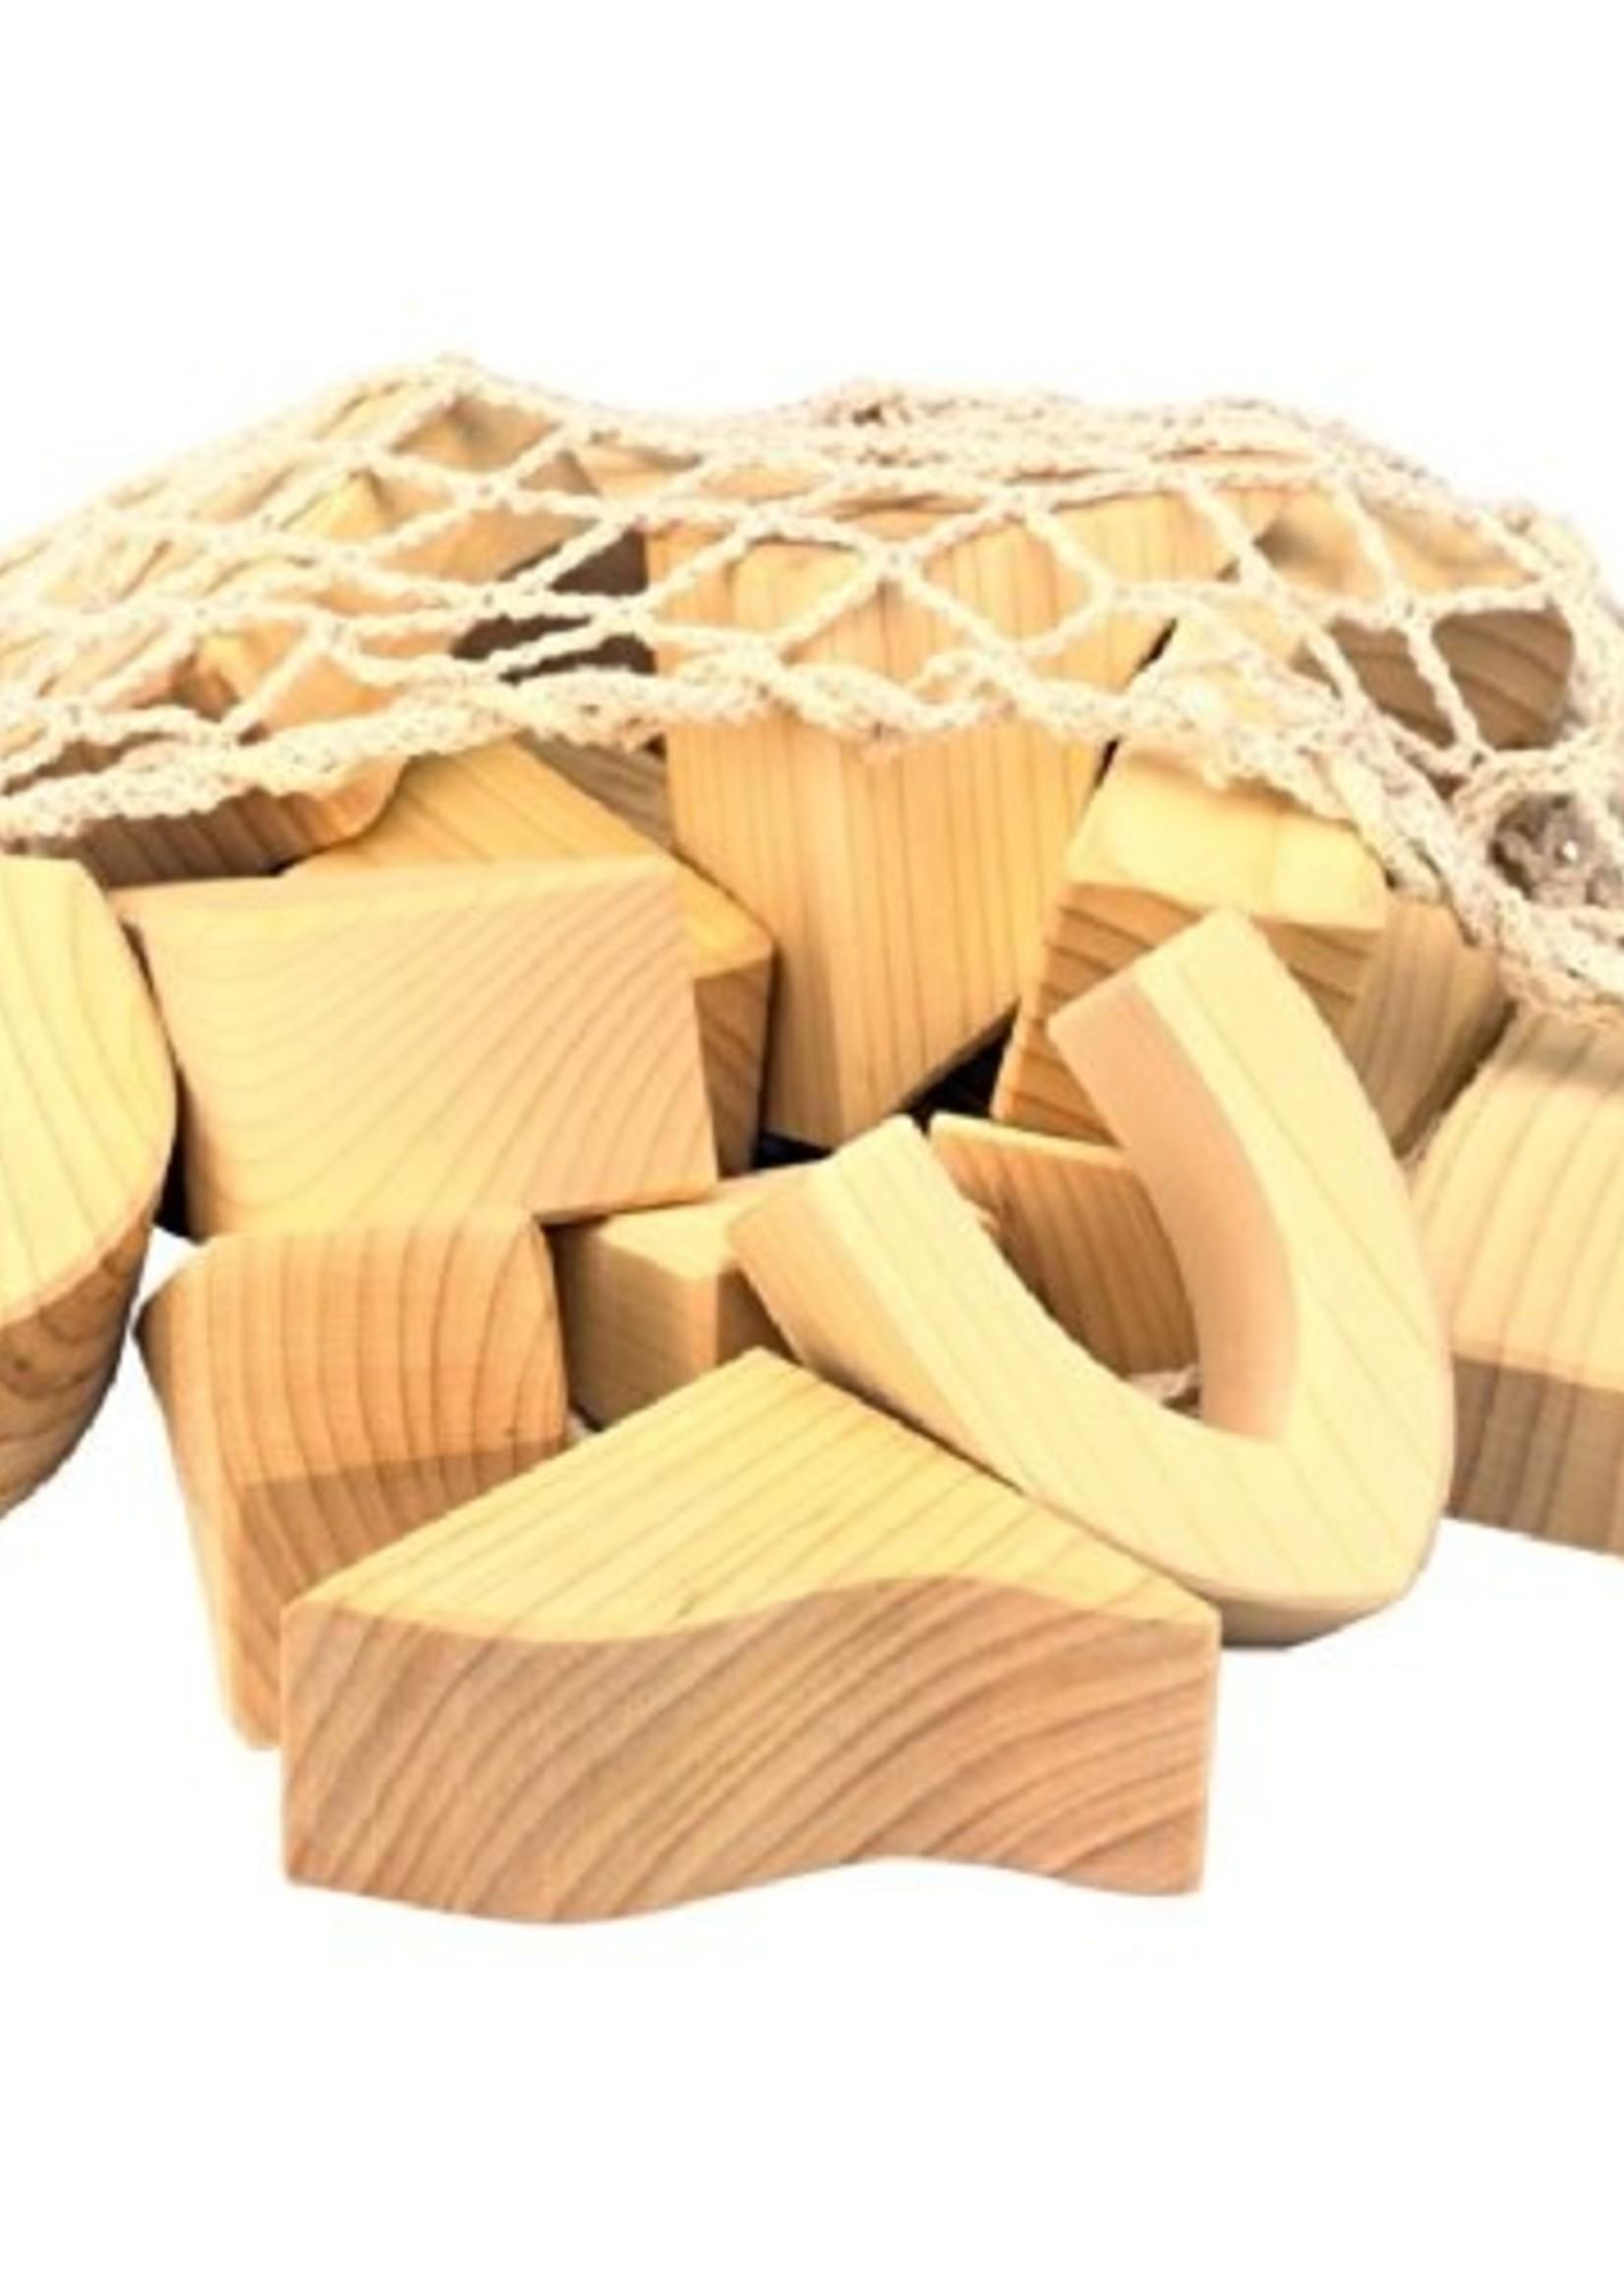 Mideer Blocks, Large Natural   Code: 523283